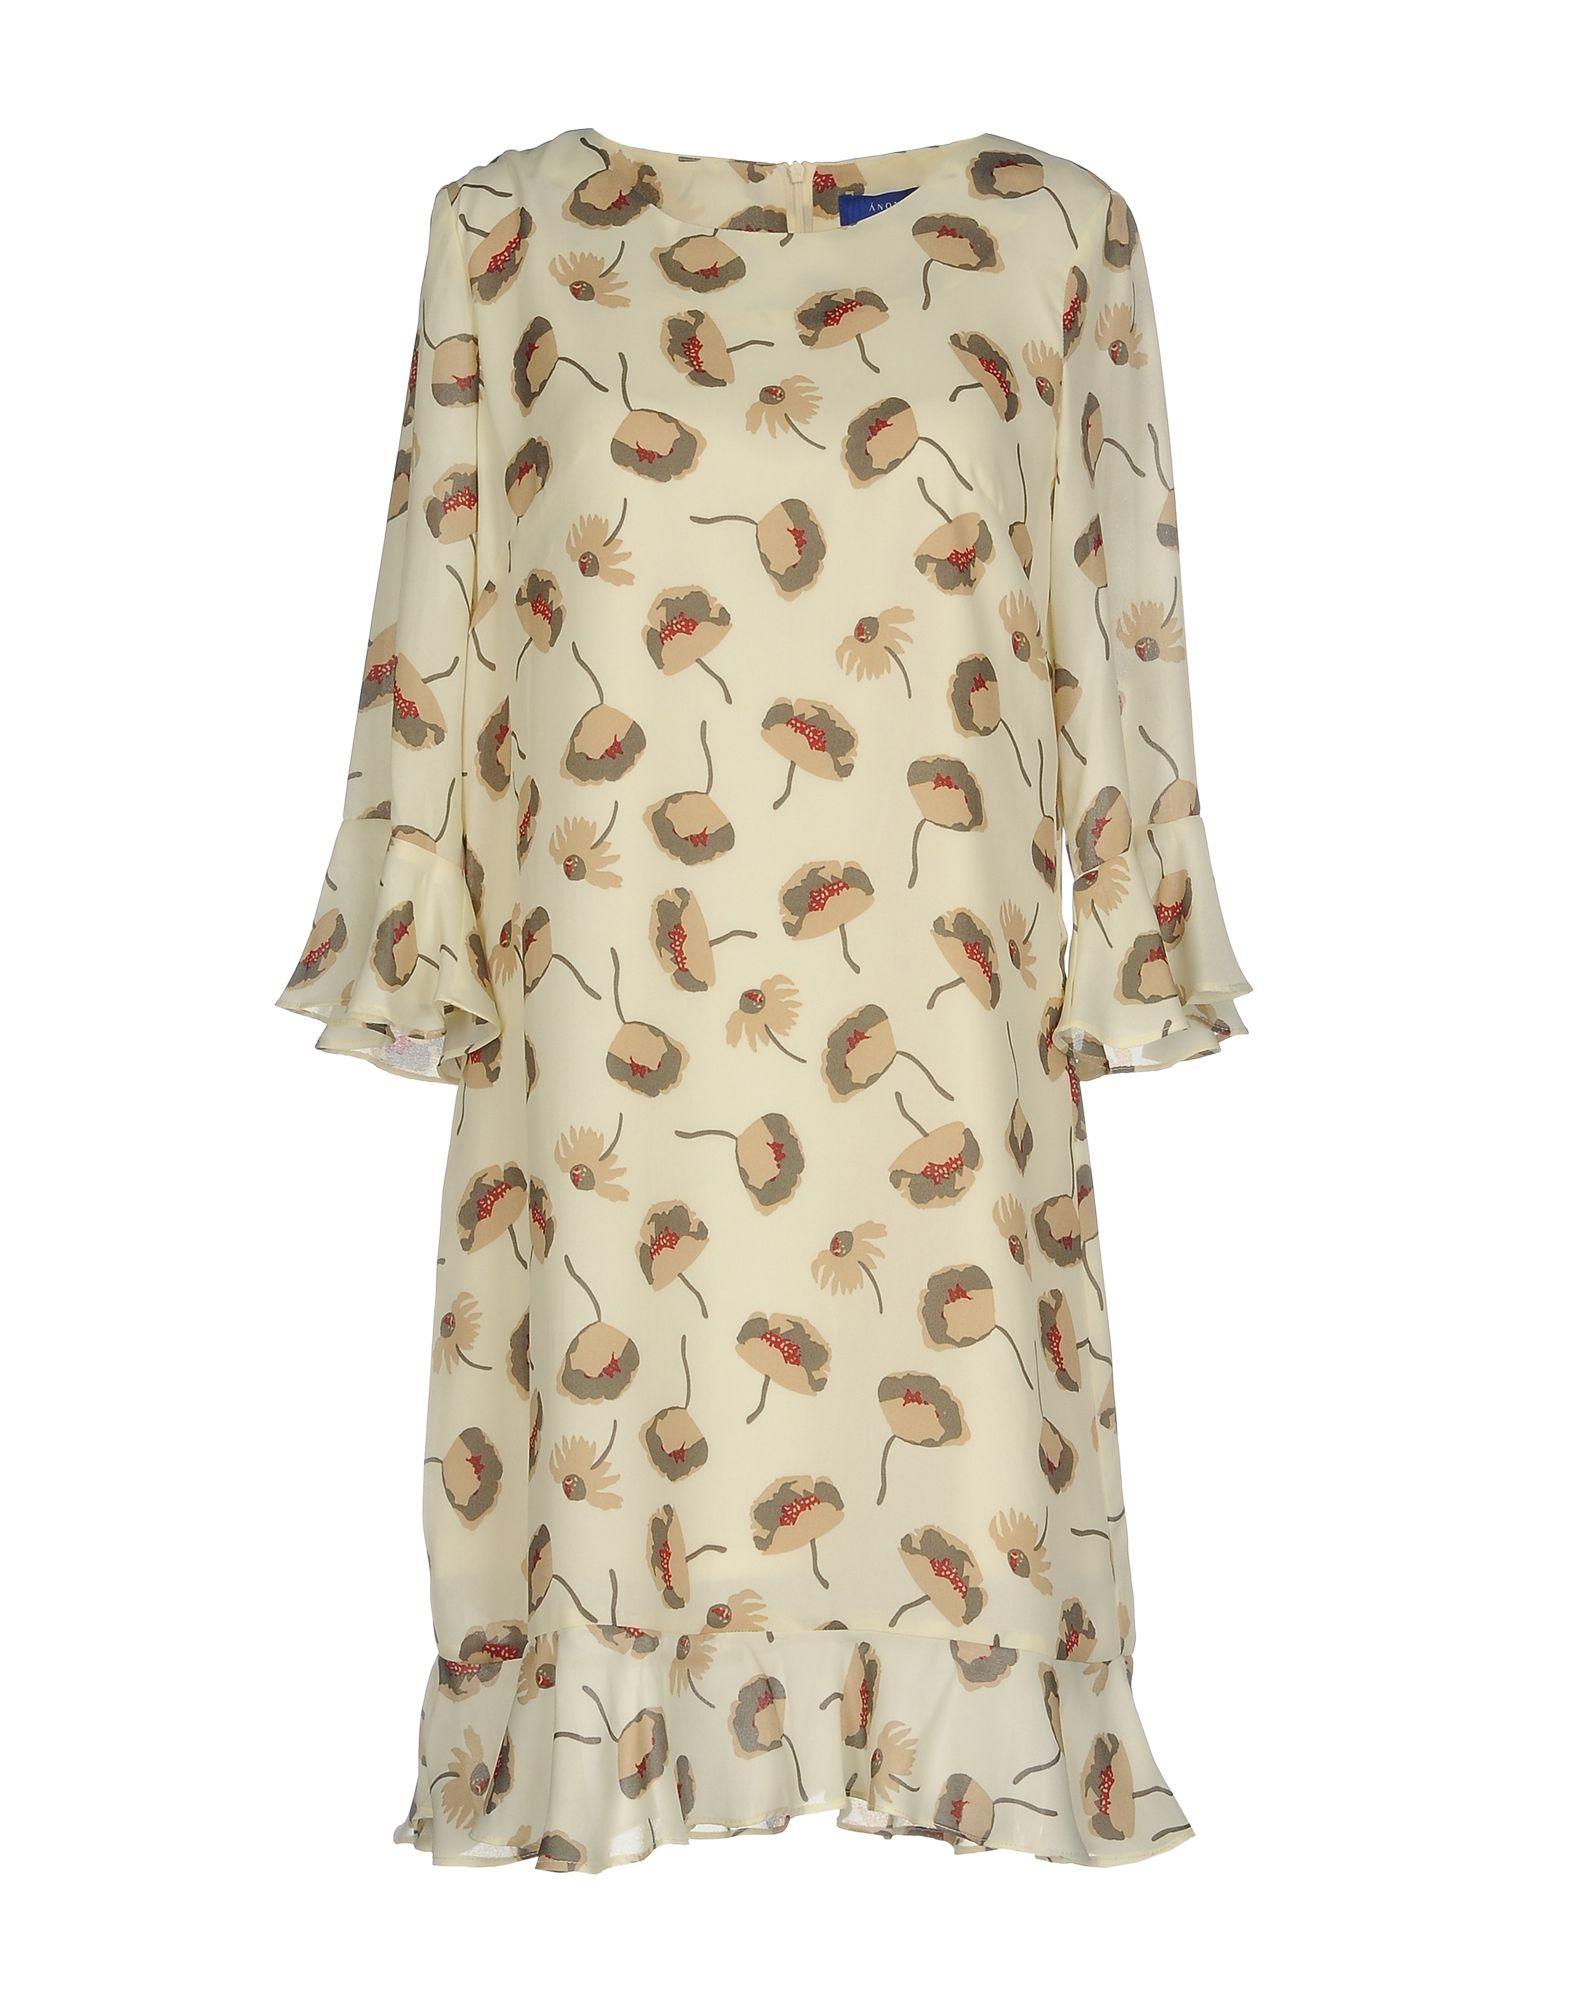 ANONYME DESIGNERS Damen Kurzes Kleid Farbe Beige Größe 6